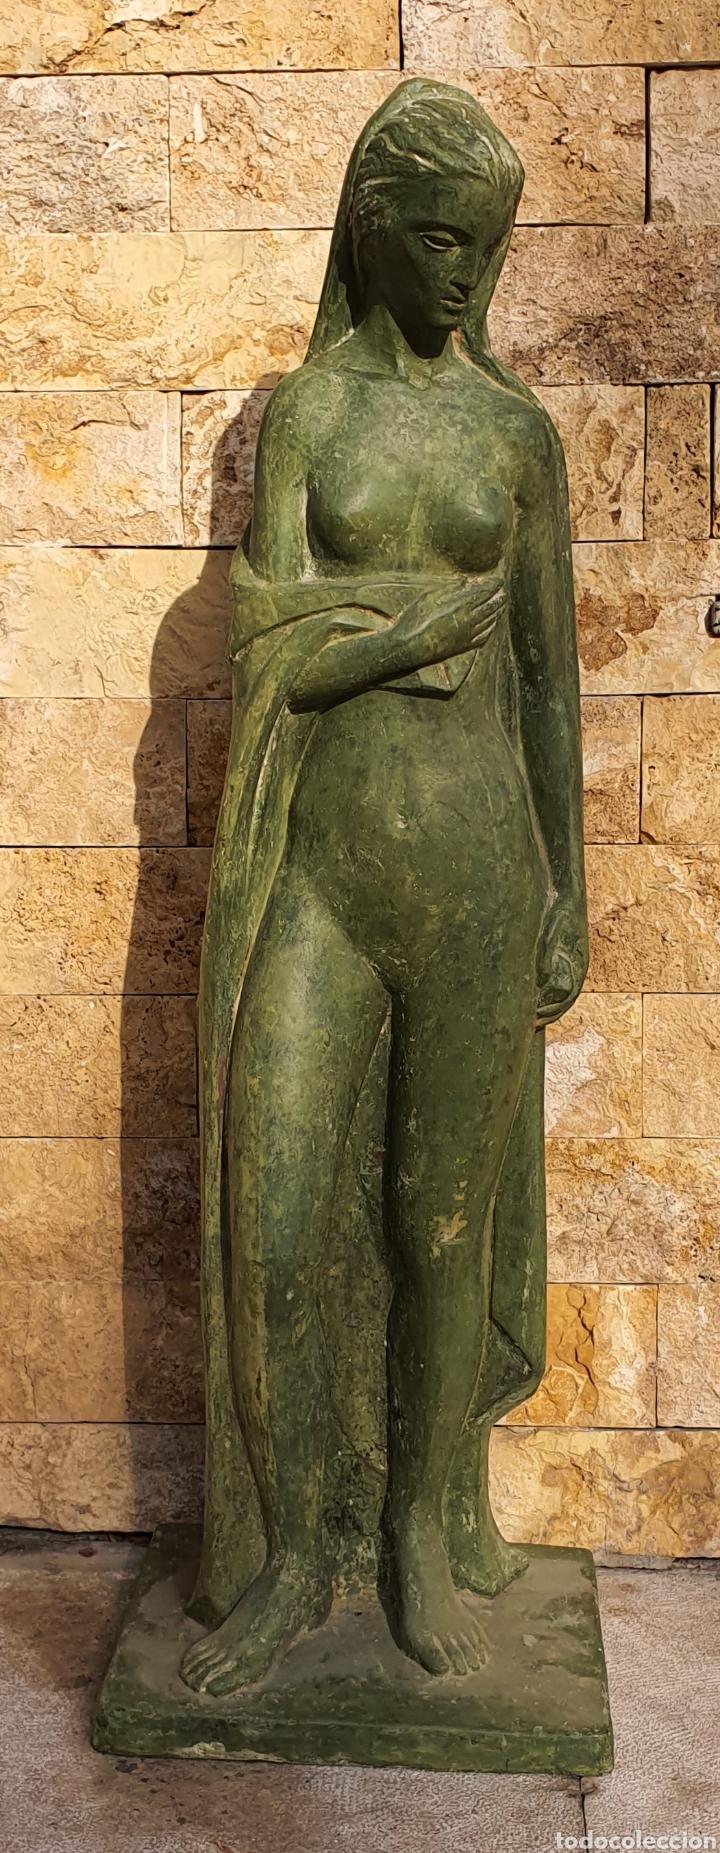 PRECIOSA ESCULTURA VINTAGE, MUJER EN RESINA. (Arte - Escultura - Resina)